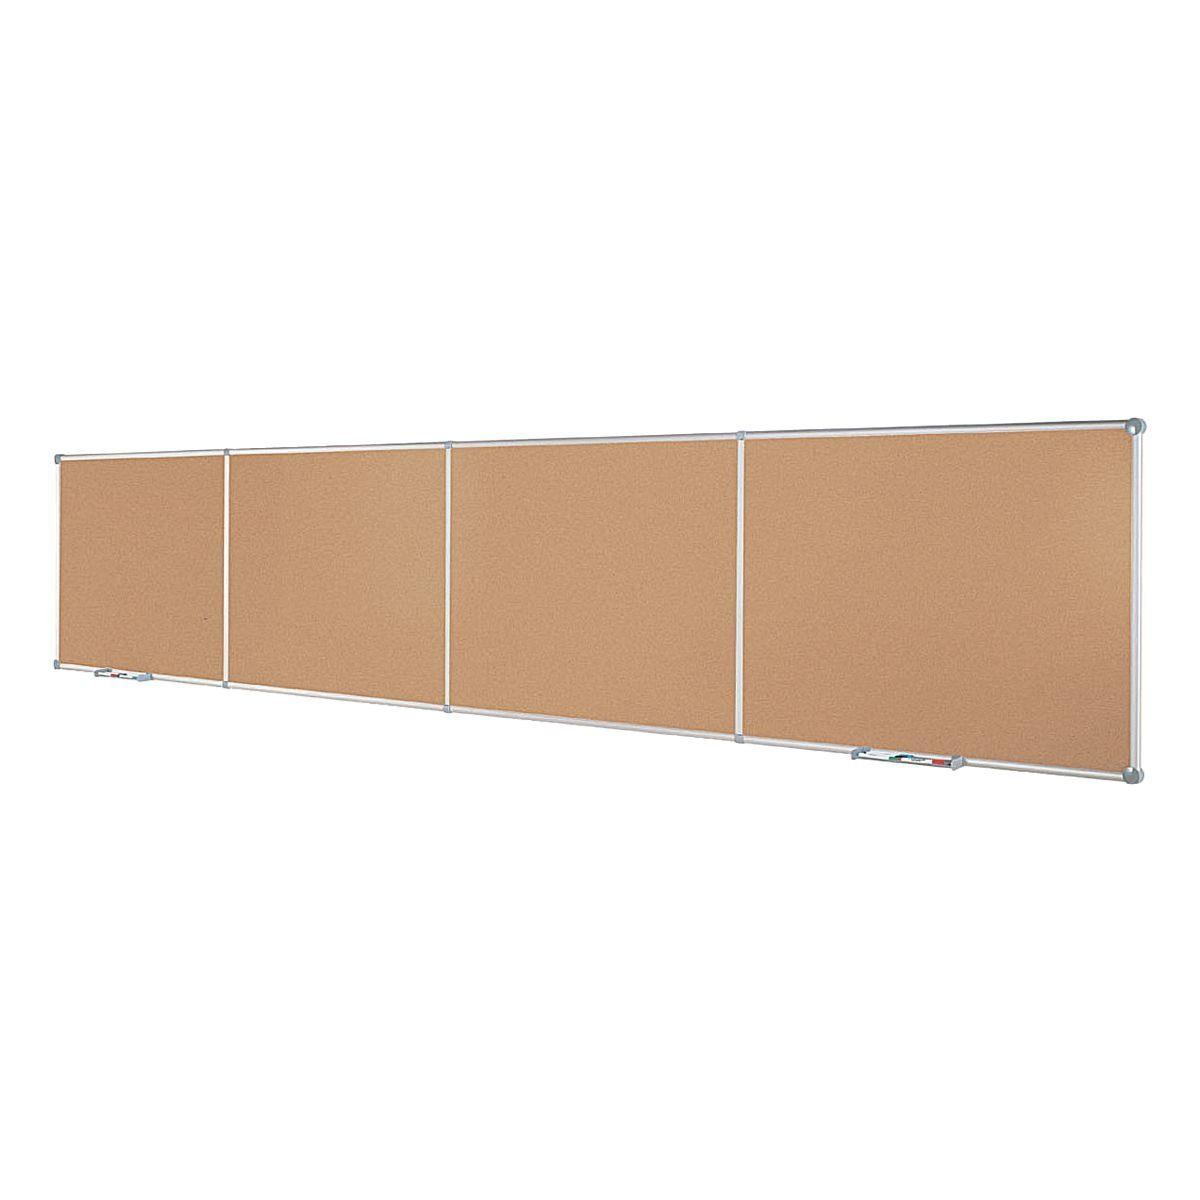 MAUL Endlos-Pinnwand Grundmodul 120 x 90 cm